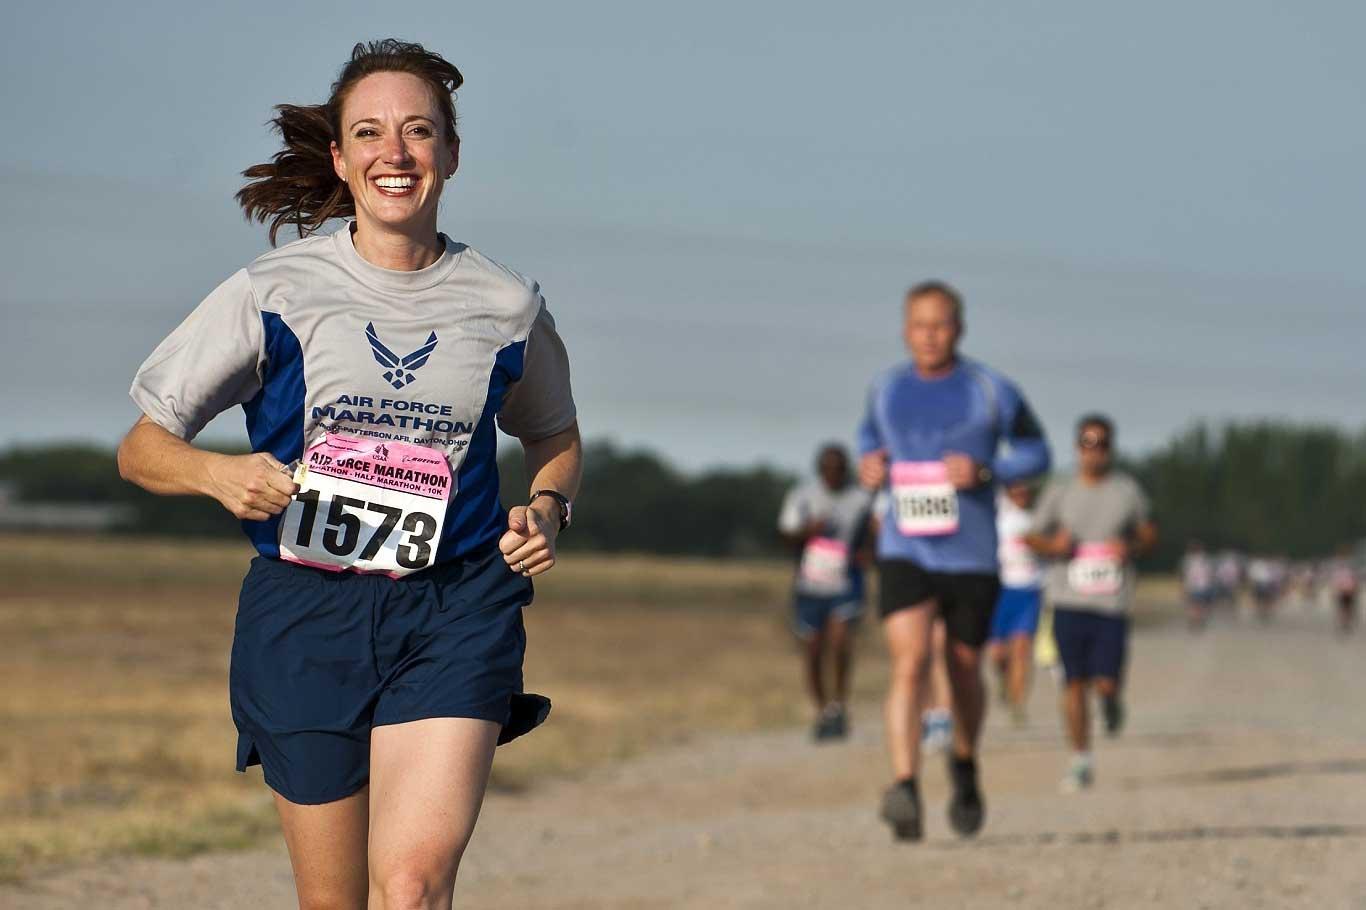 Female running in a marathon